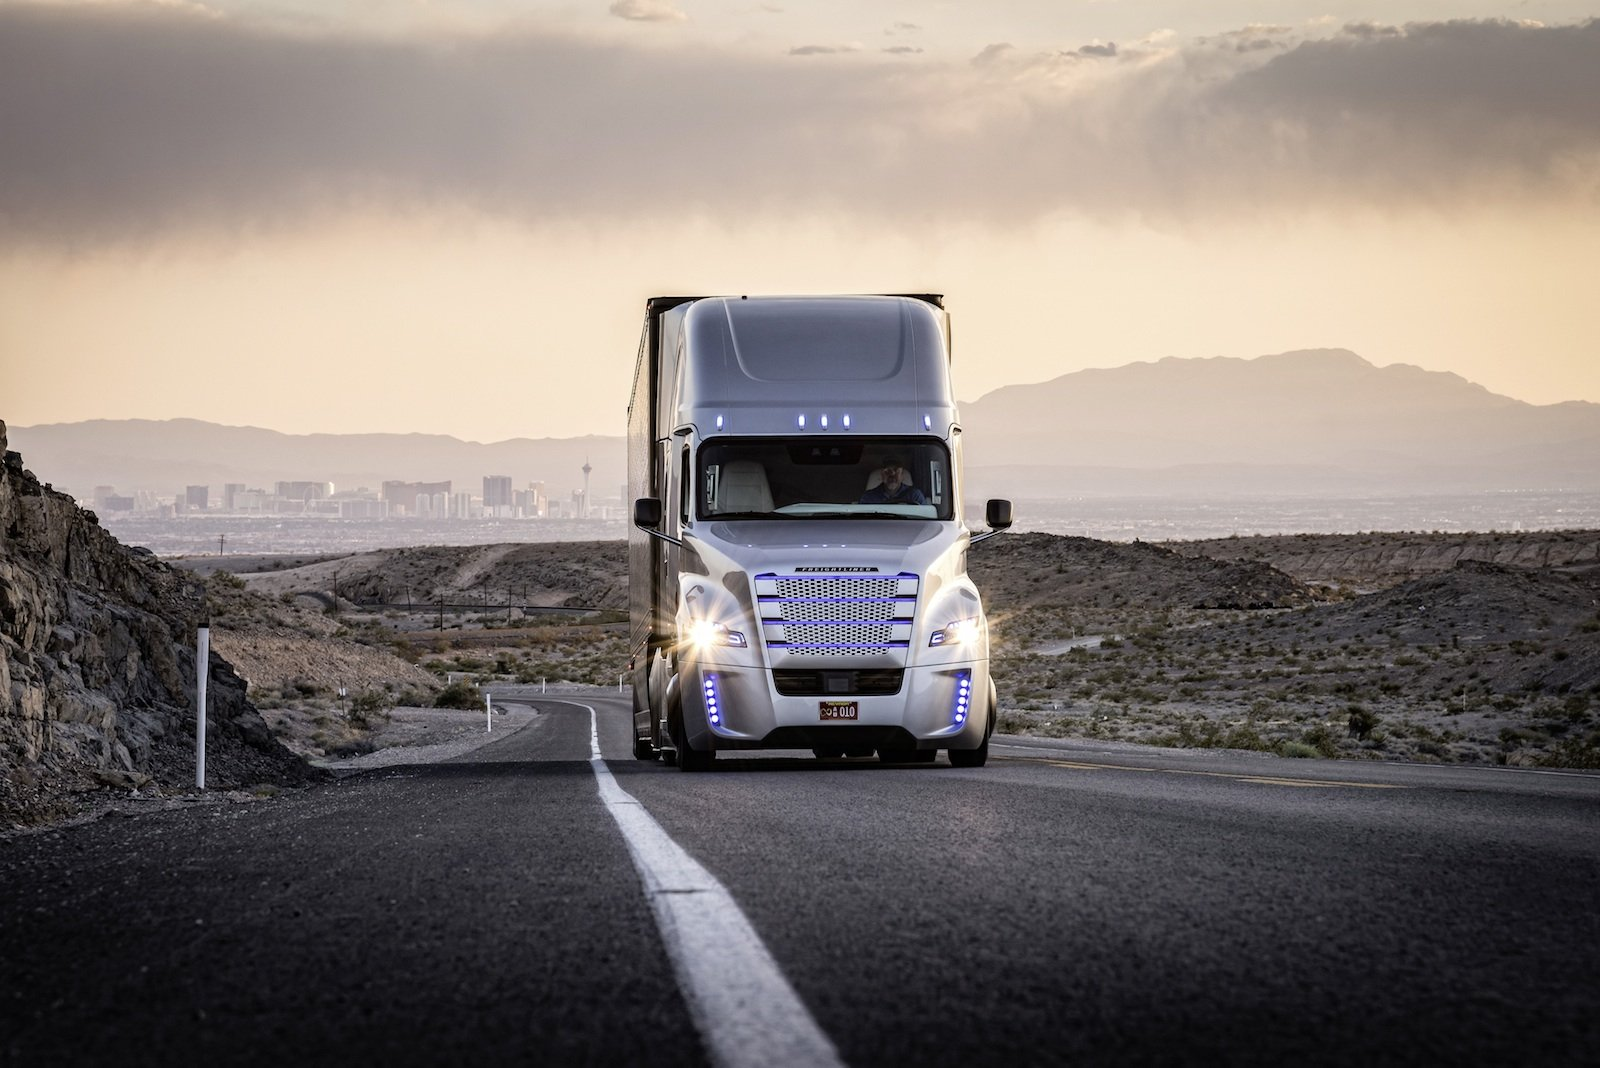 Der Freightliner Inspiration ist der ersteLastwagen mit Autopilot, der auf öffentlichen Straßen fahren darf. Im US-Staat Nevada sind zwei der Daimler-Trucks unterwegs.